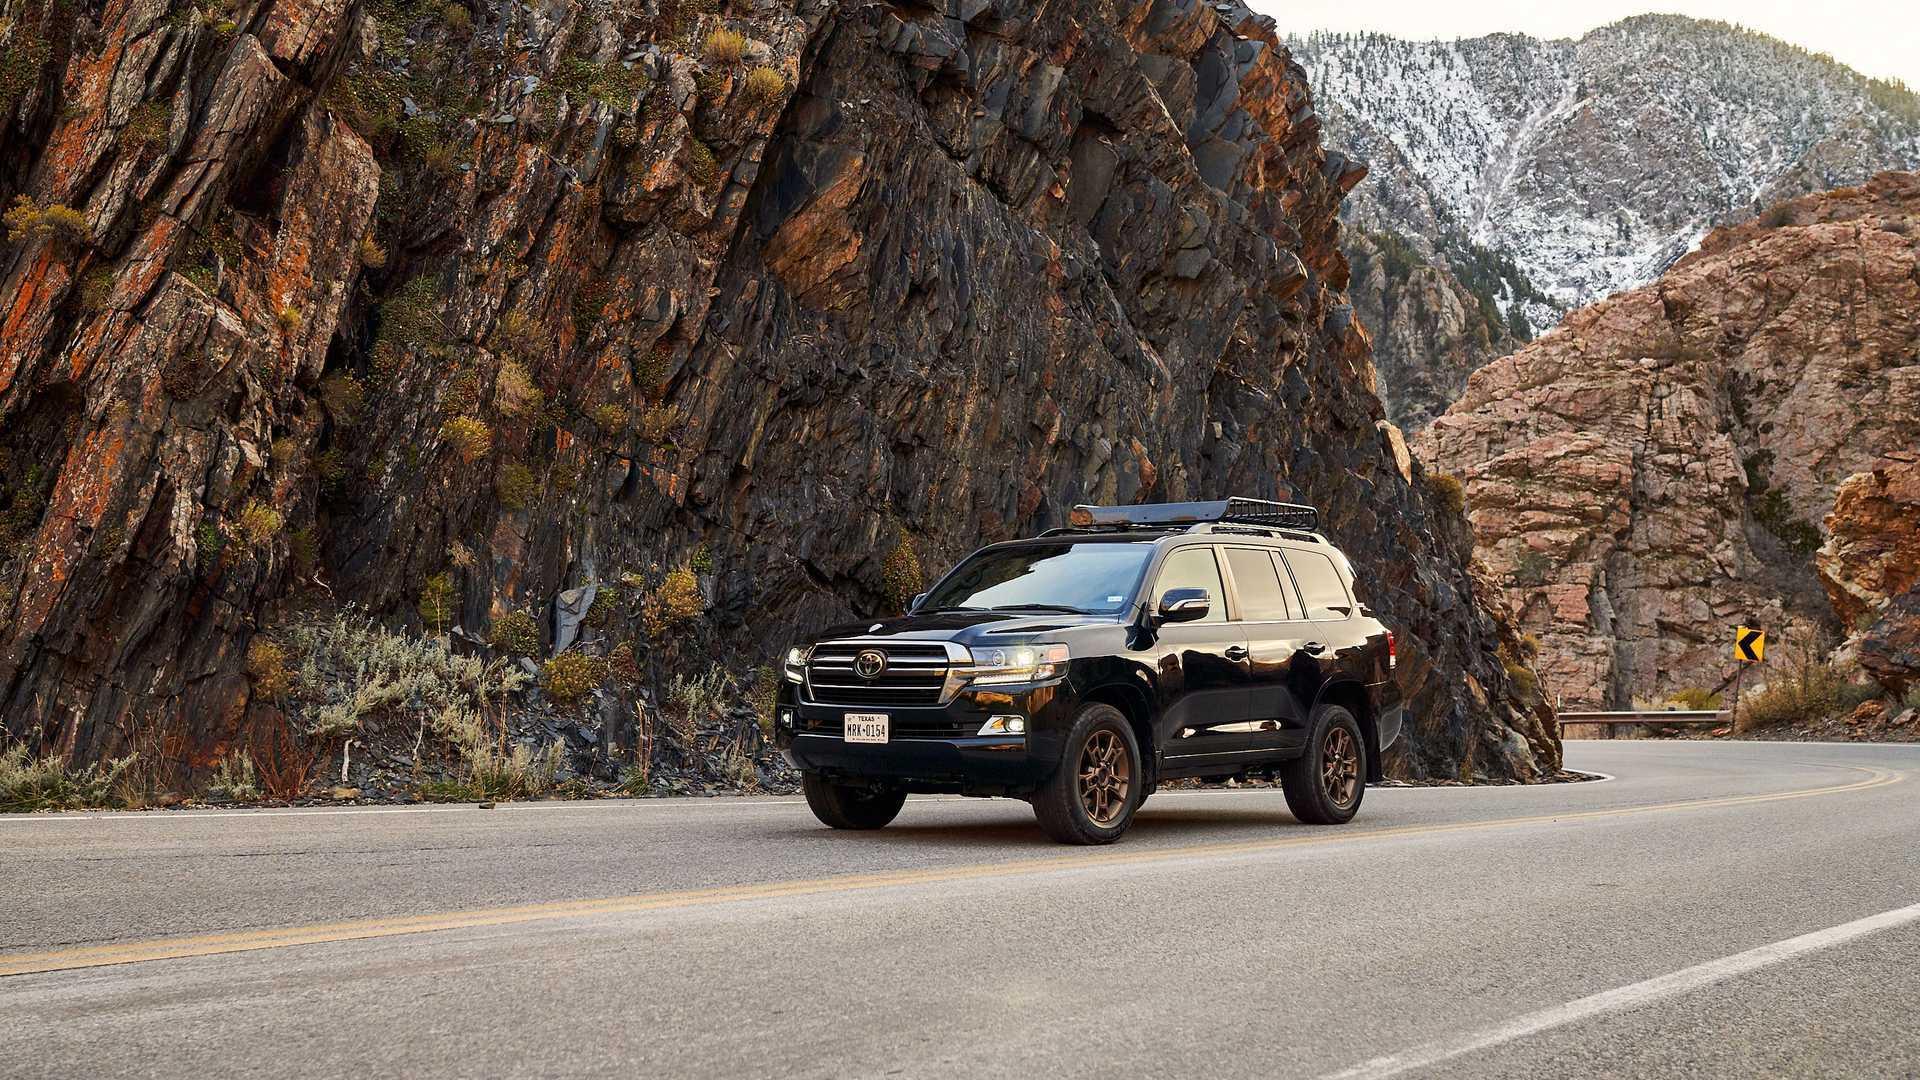 Toyota Land Cruiser нового поколения получит три мотора V6